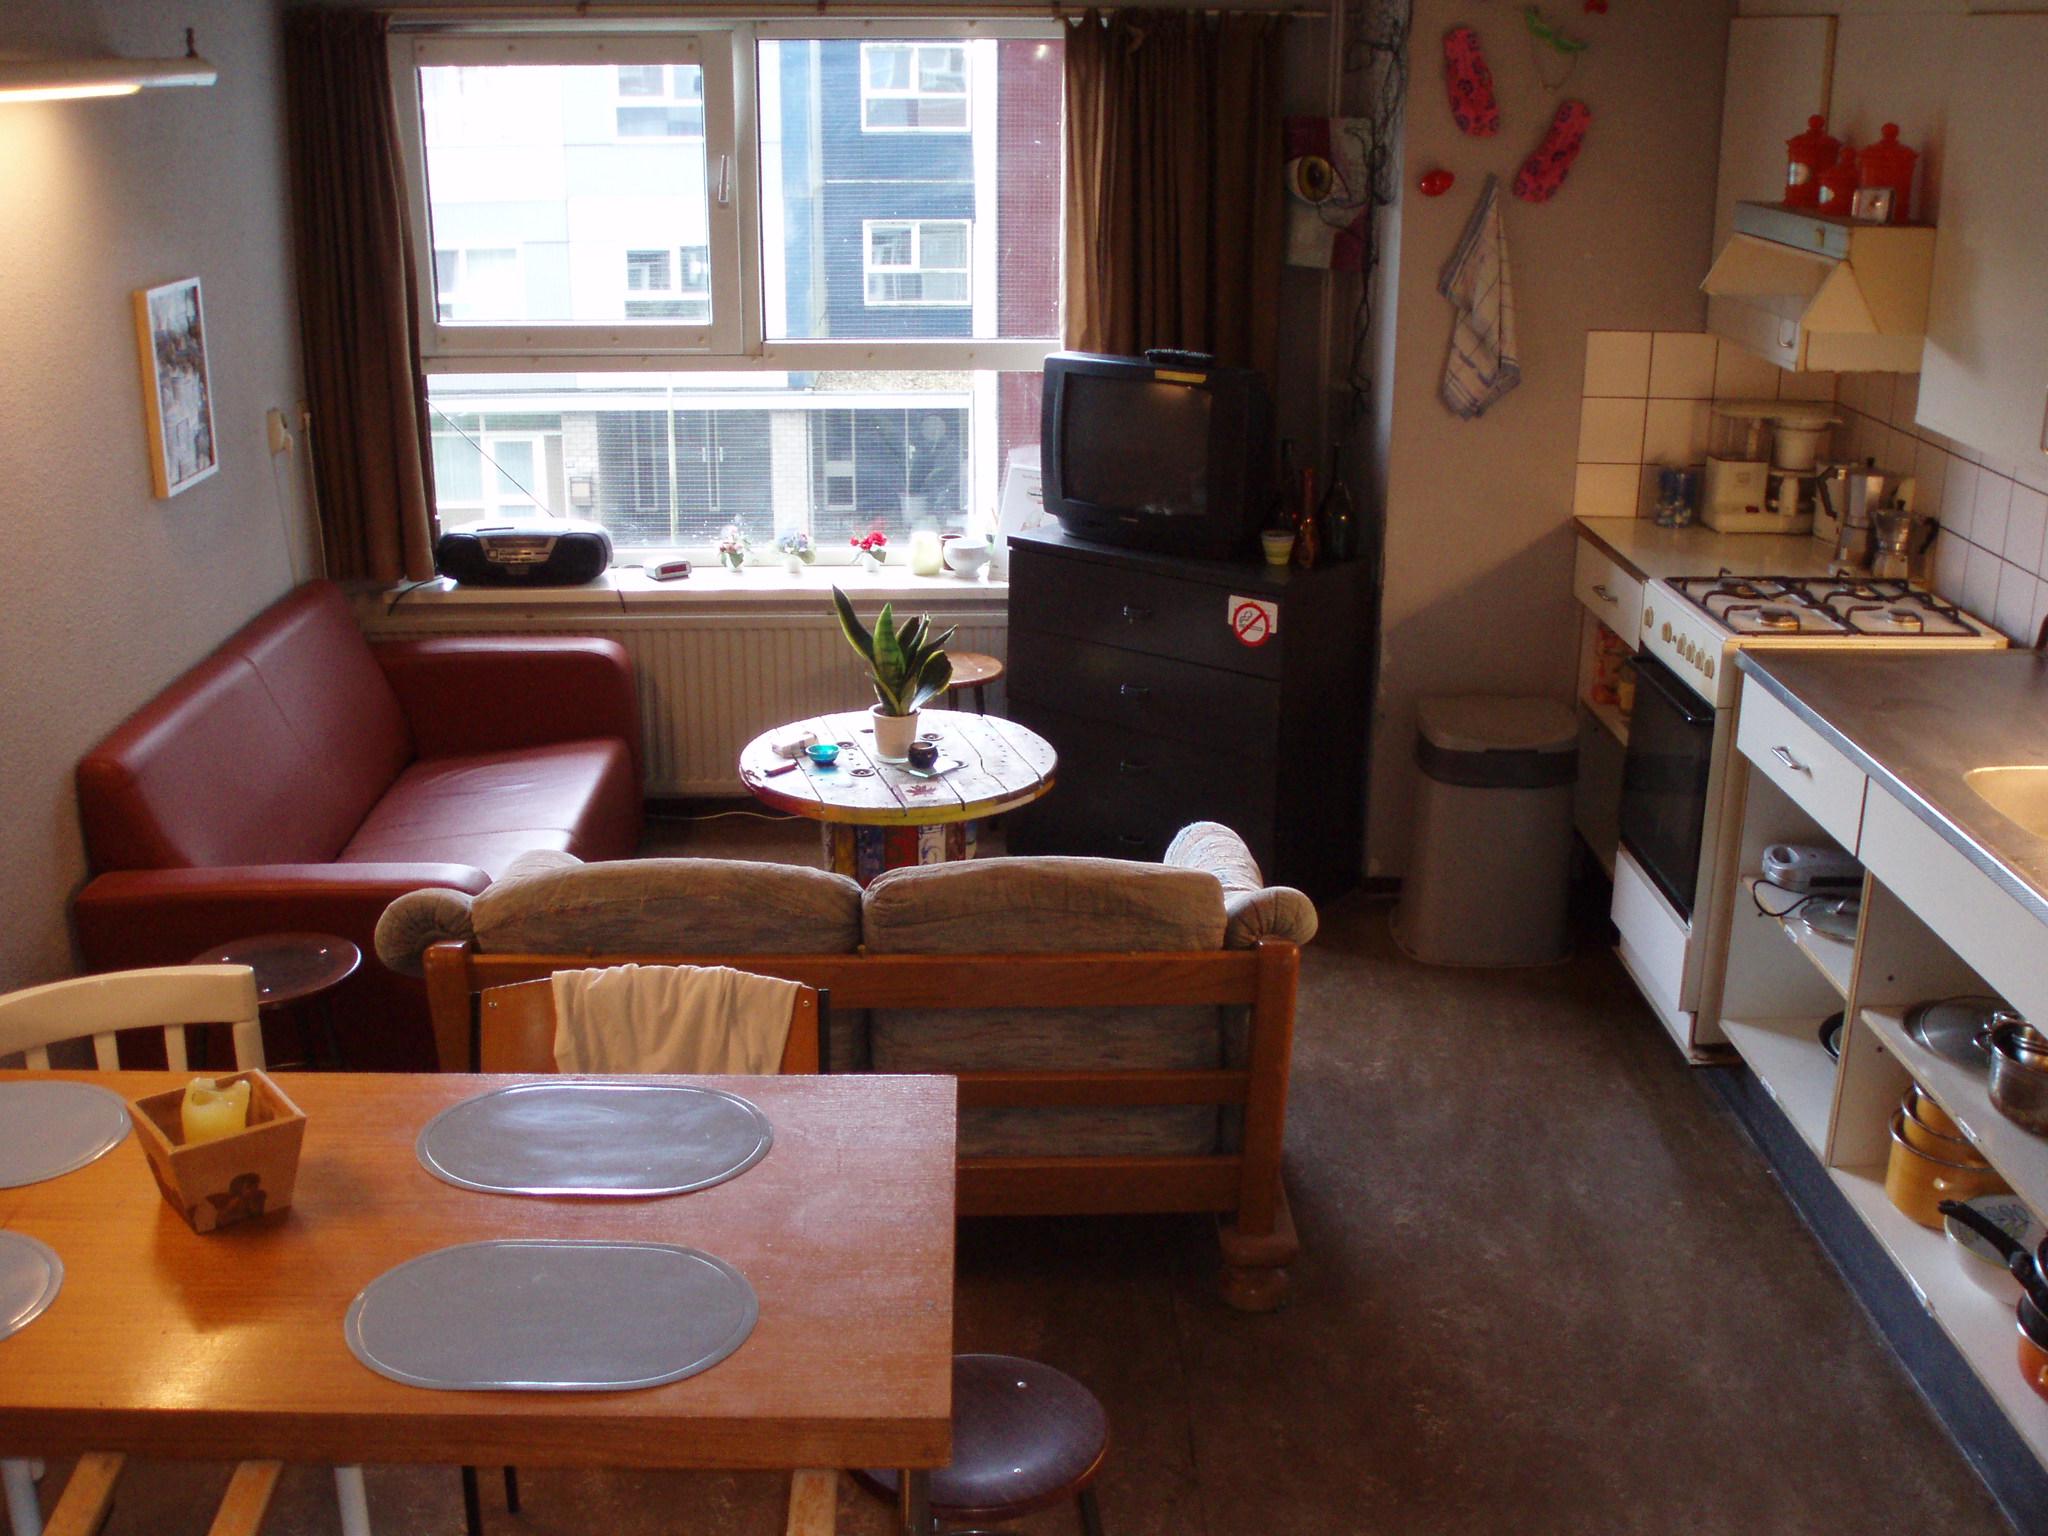 Side Table Keuken : Side table keuken groen